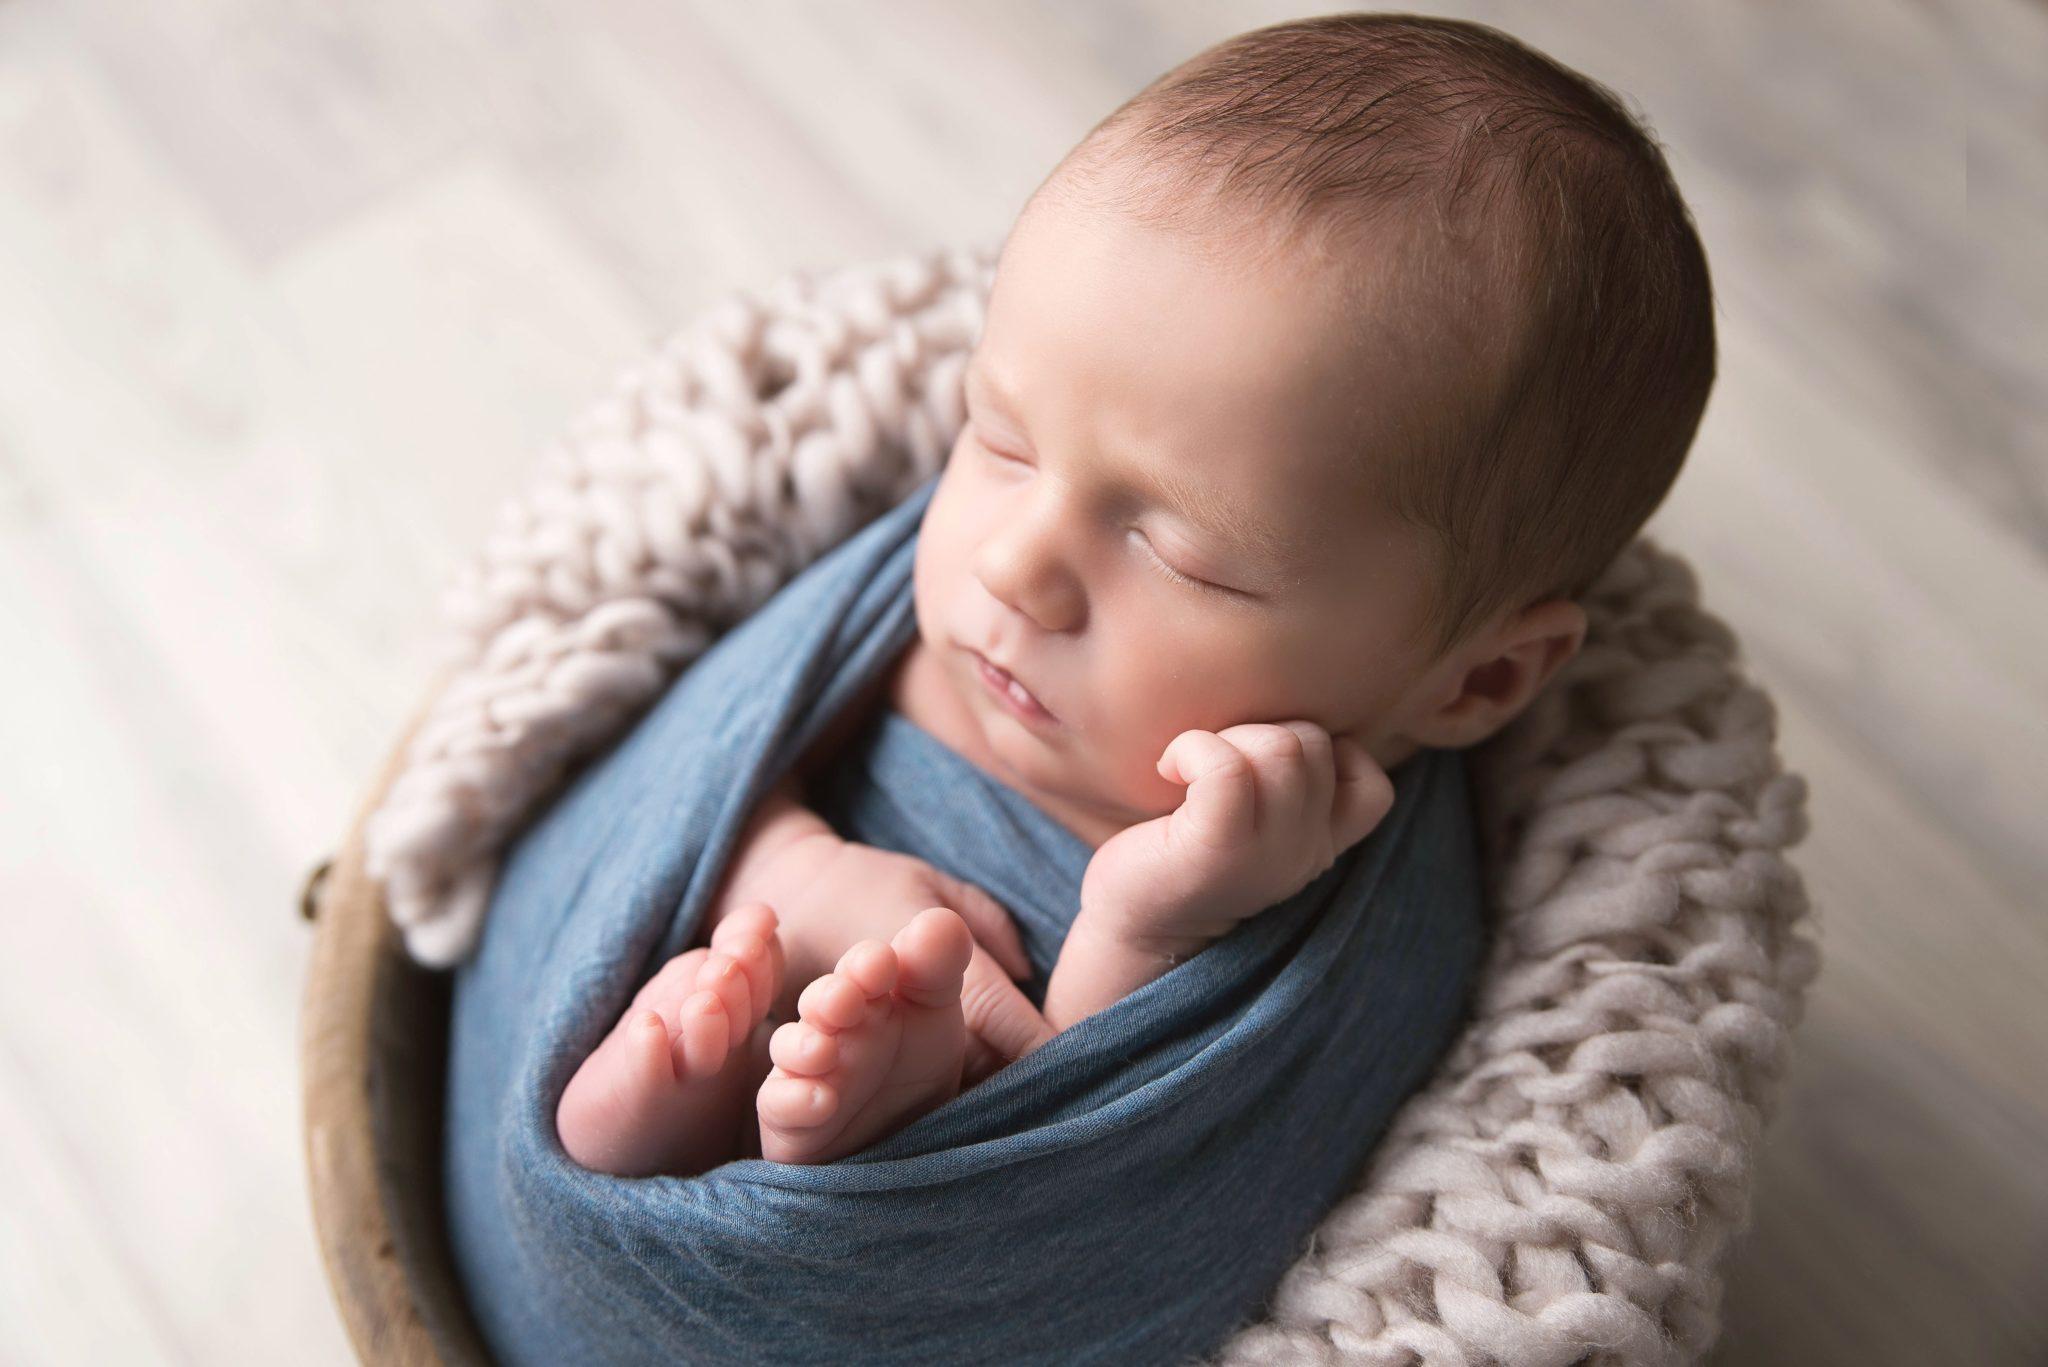 Photographe nouveau né bébé oise seine et marne val d'oise (24)-min